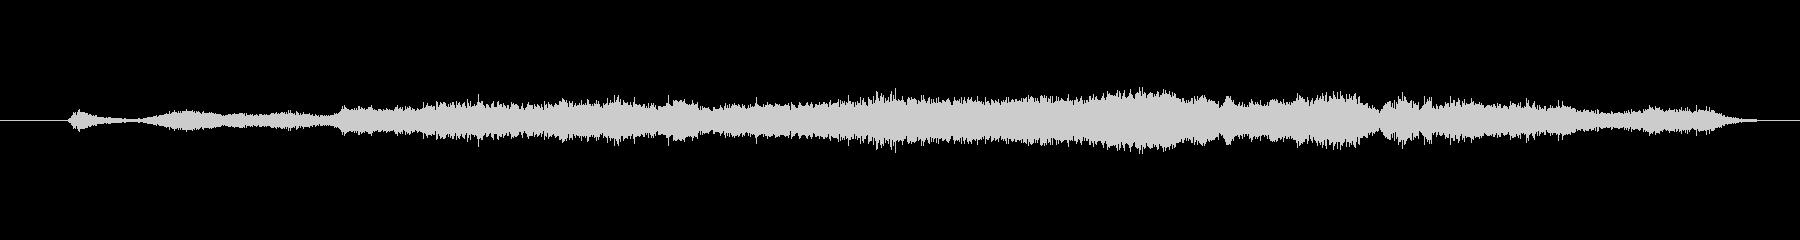 メタル リッドスクリーチショート02の未再生の波形